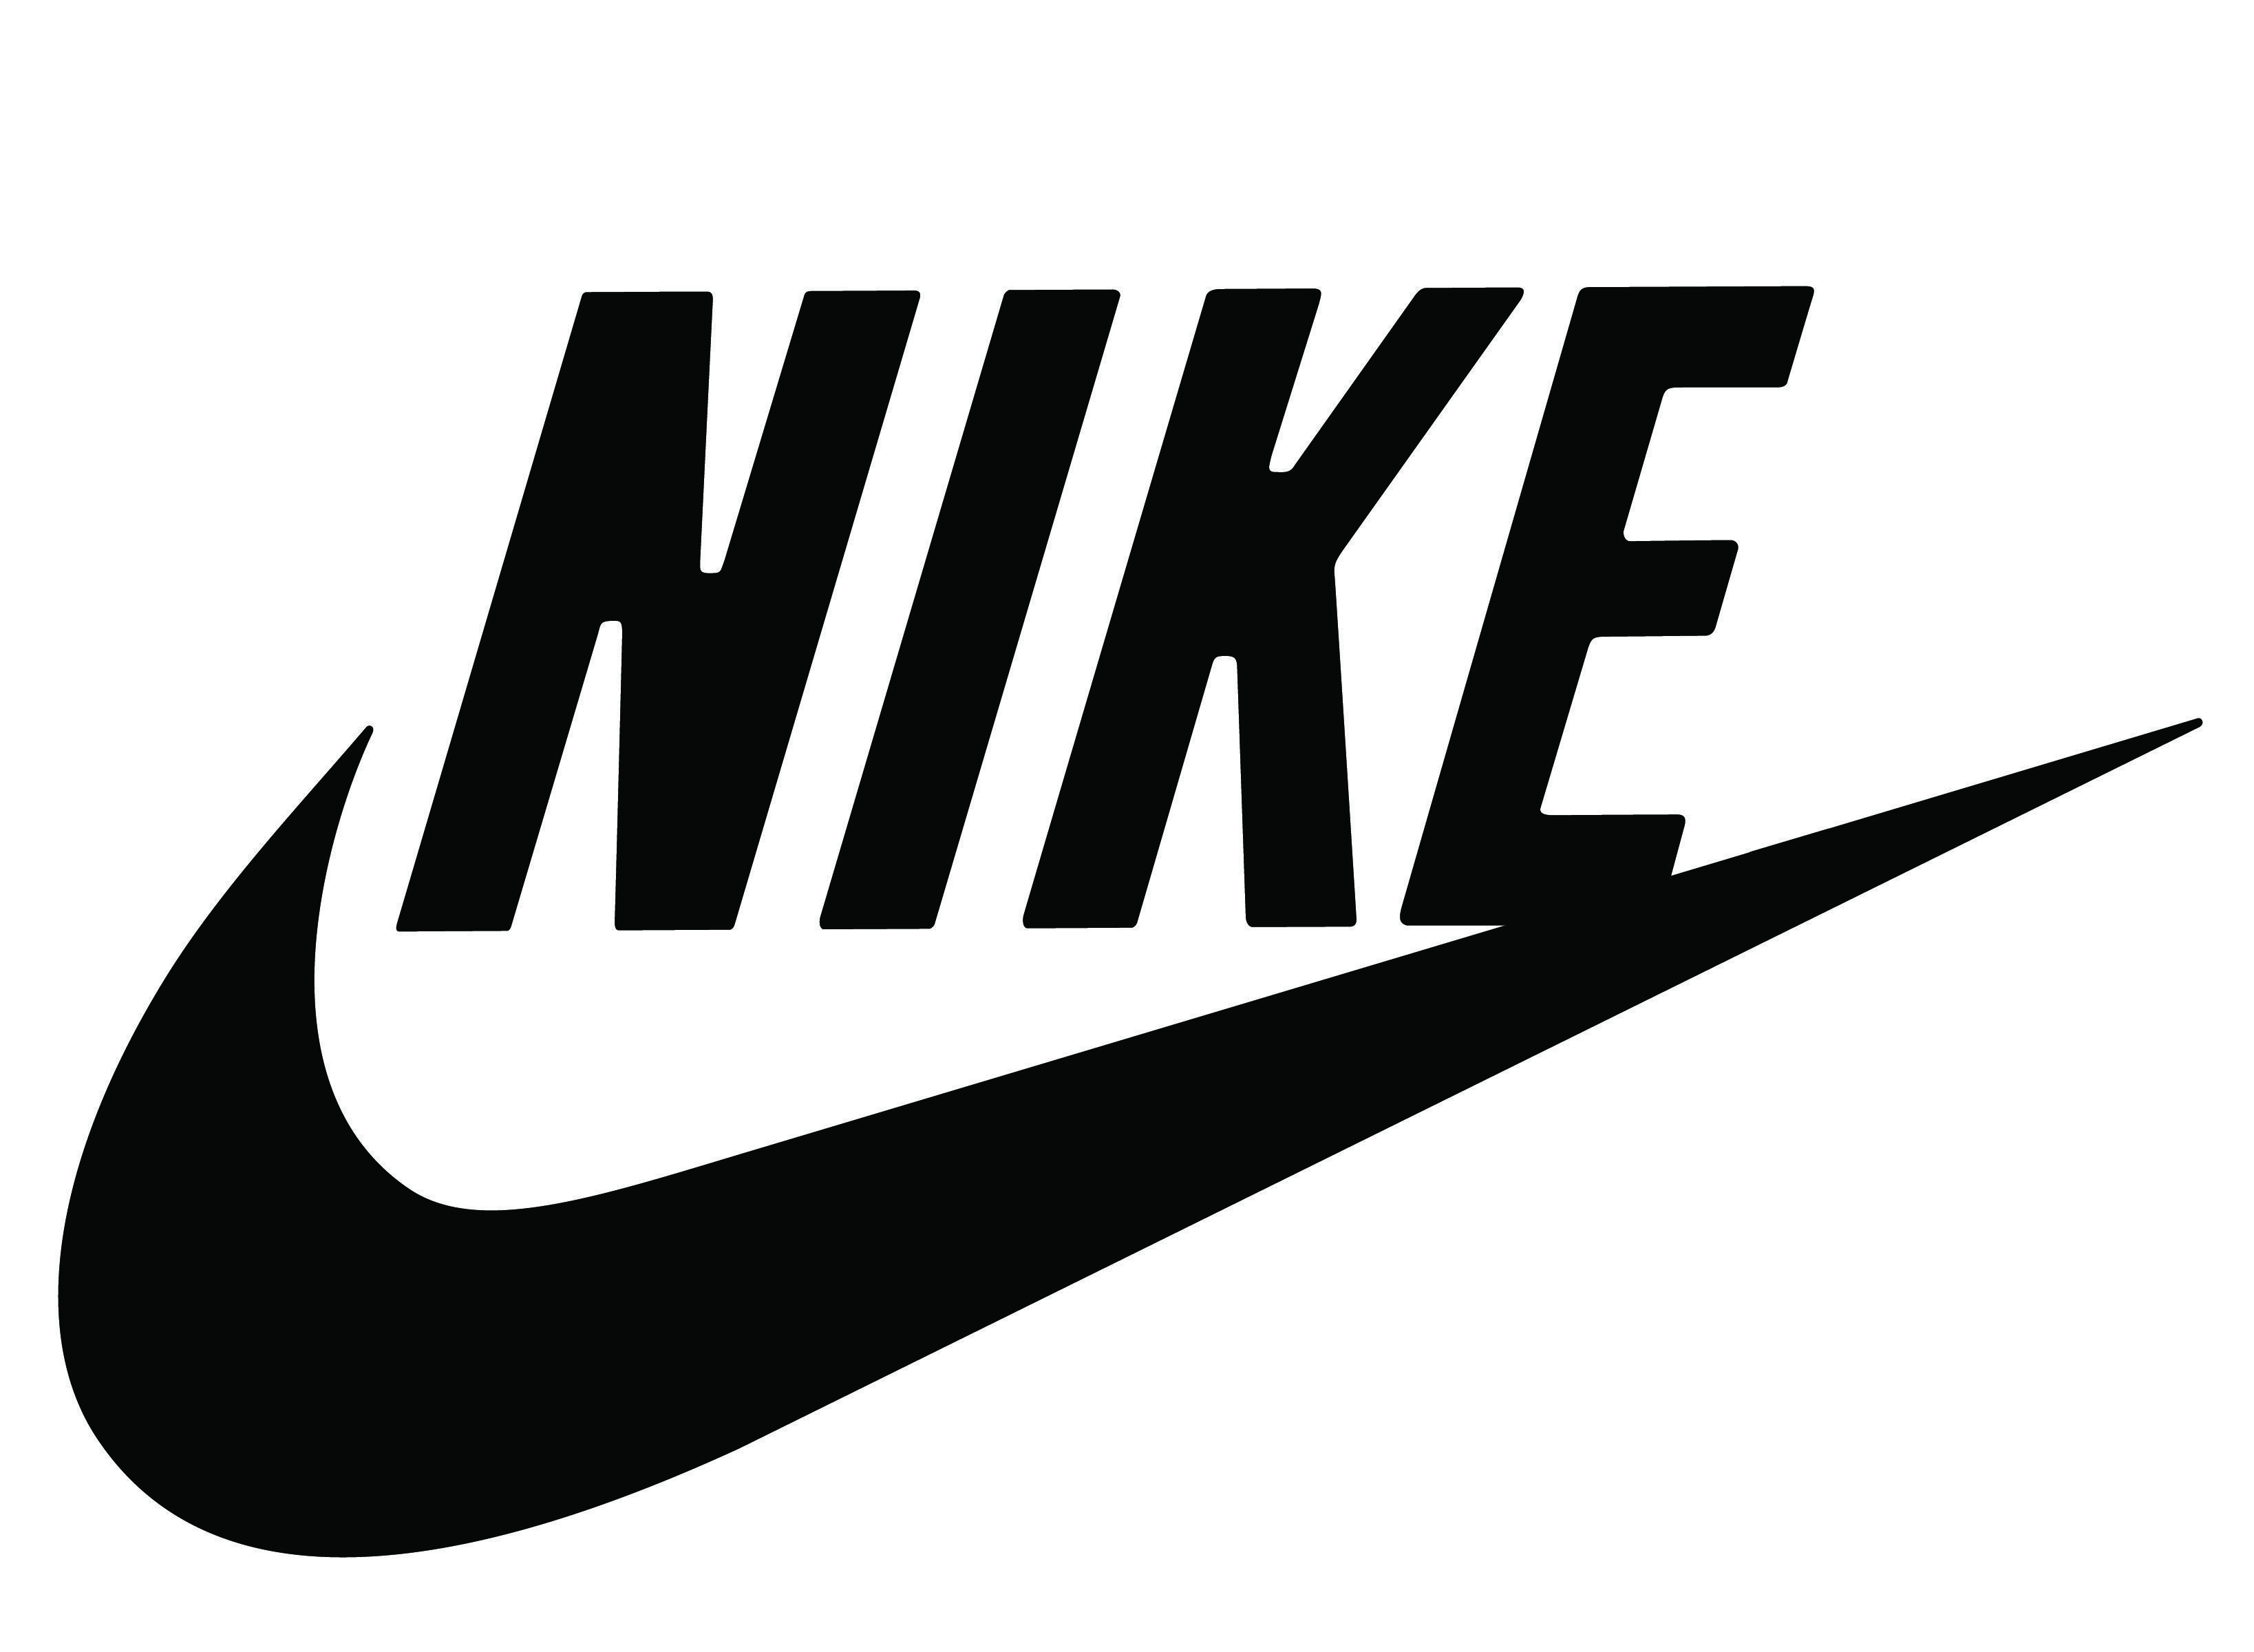 ¿En qué año se fundó la empresa Nike?